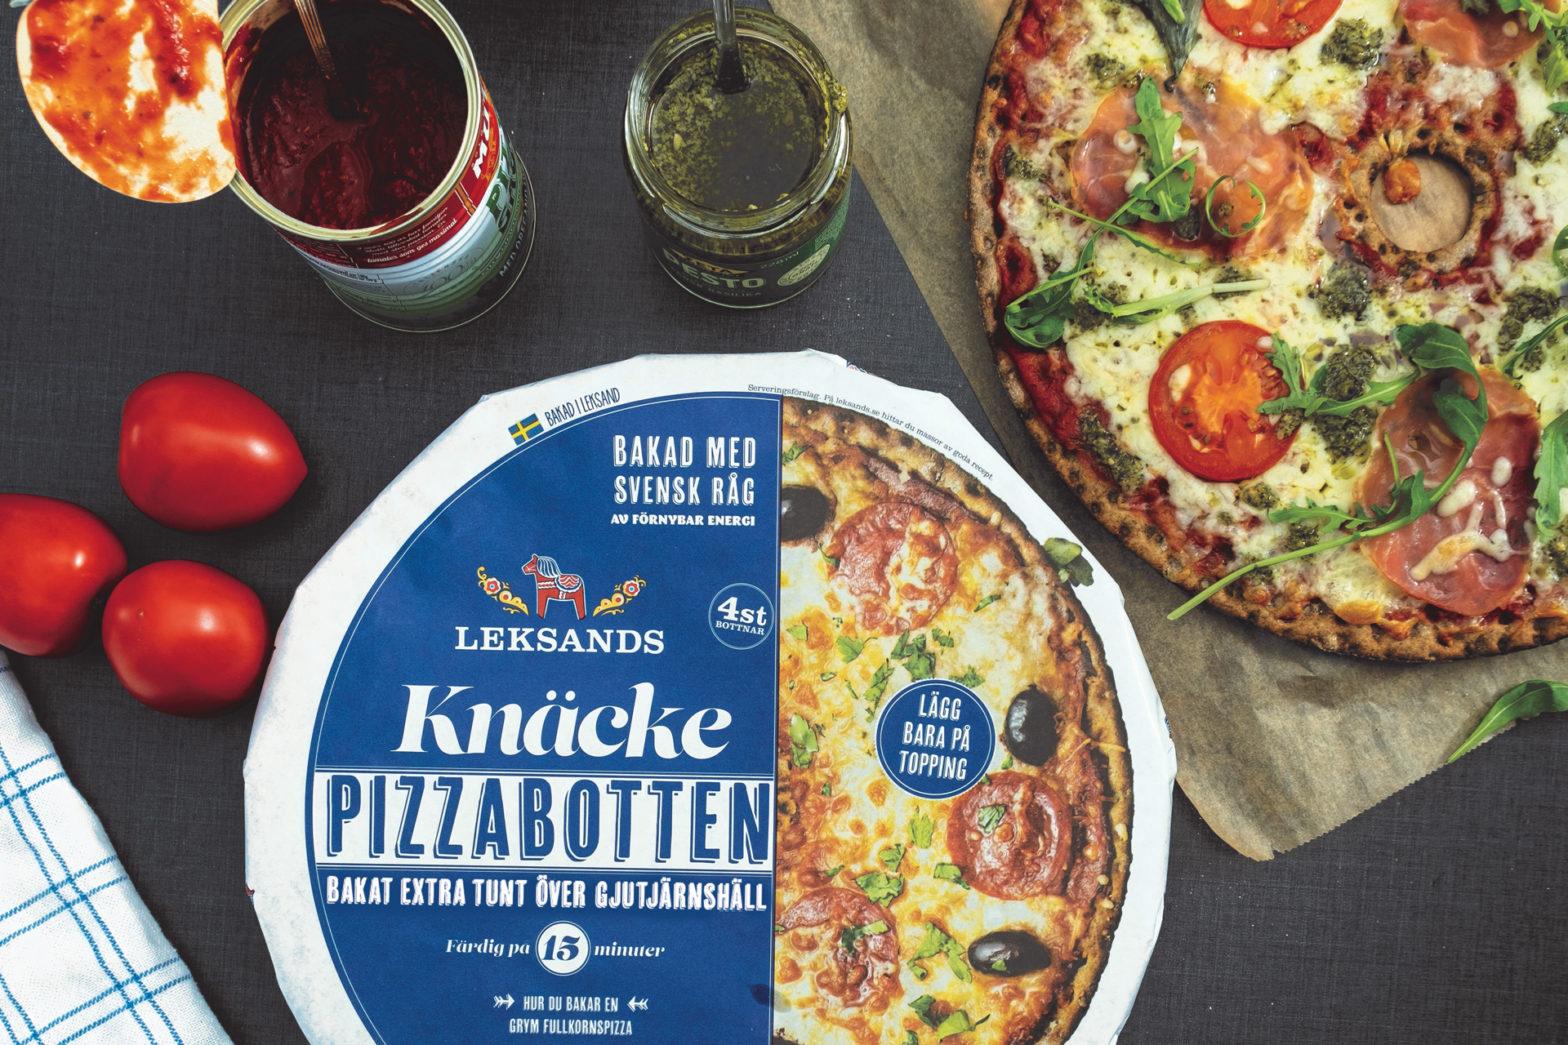 Leksands knäckebröd lanserar pizzabotten